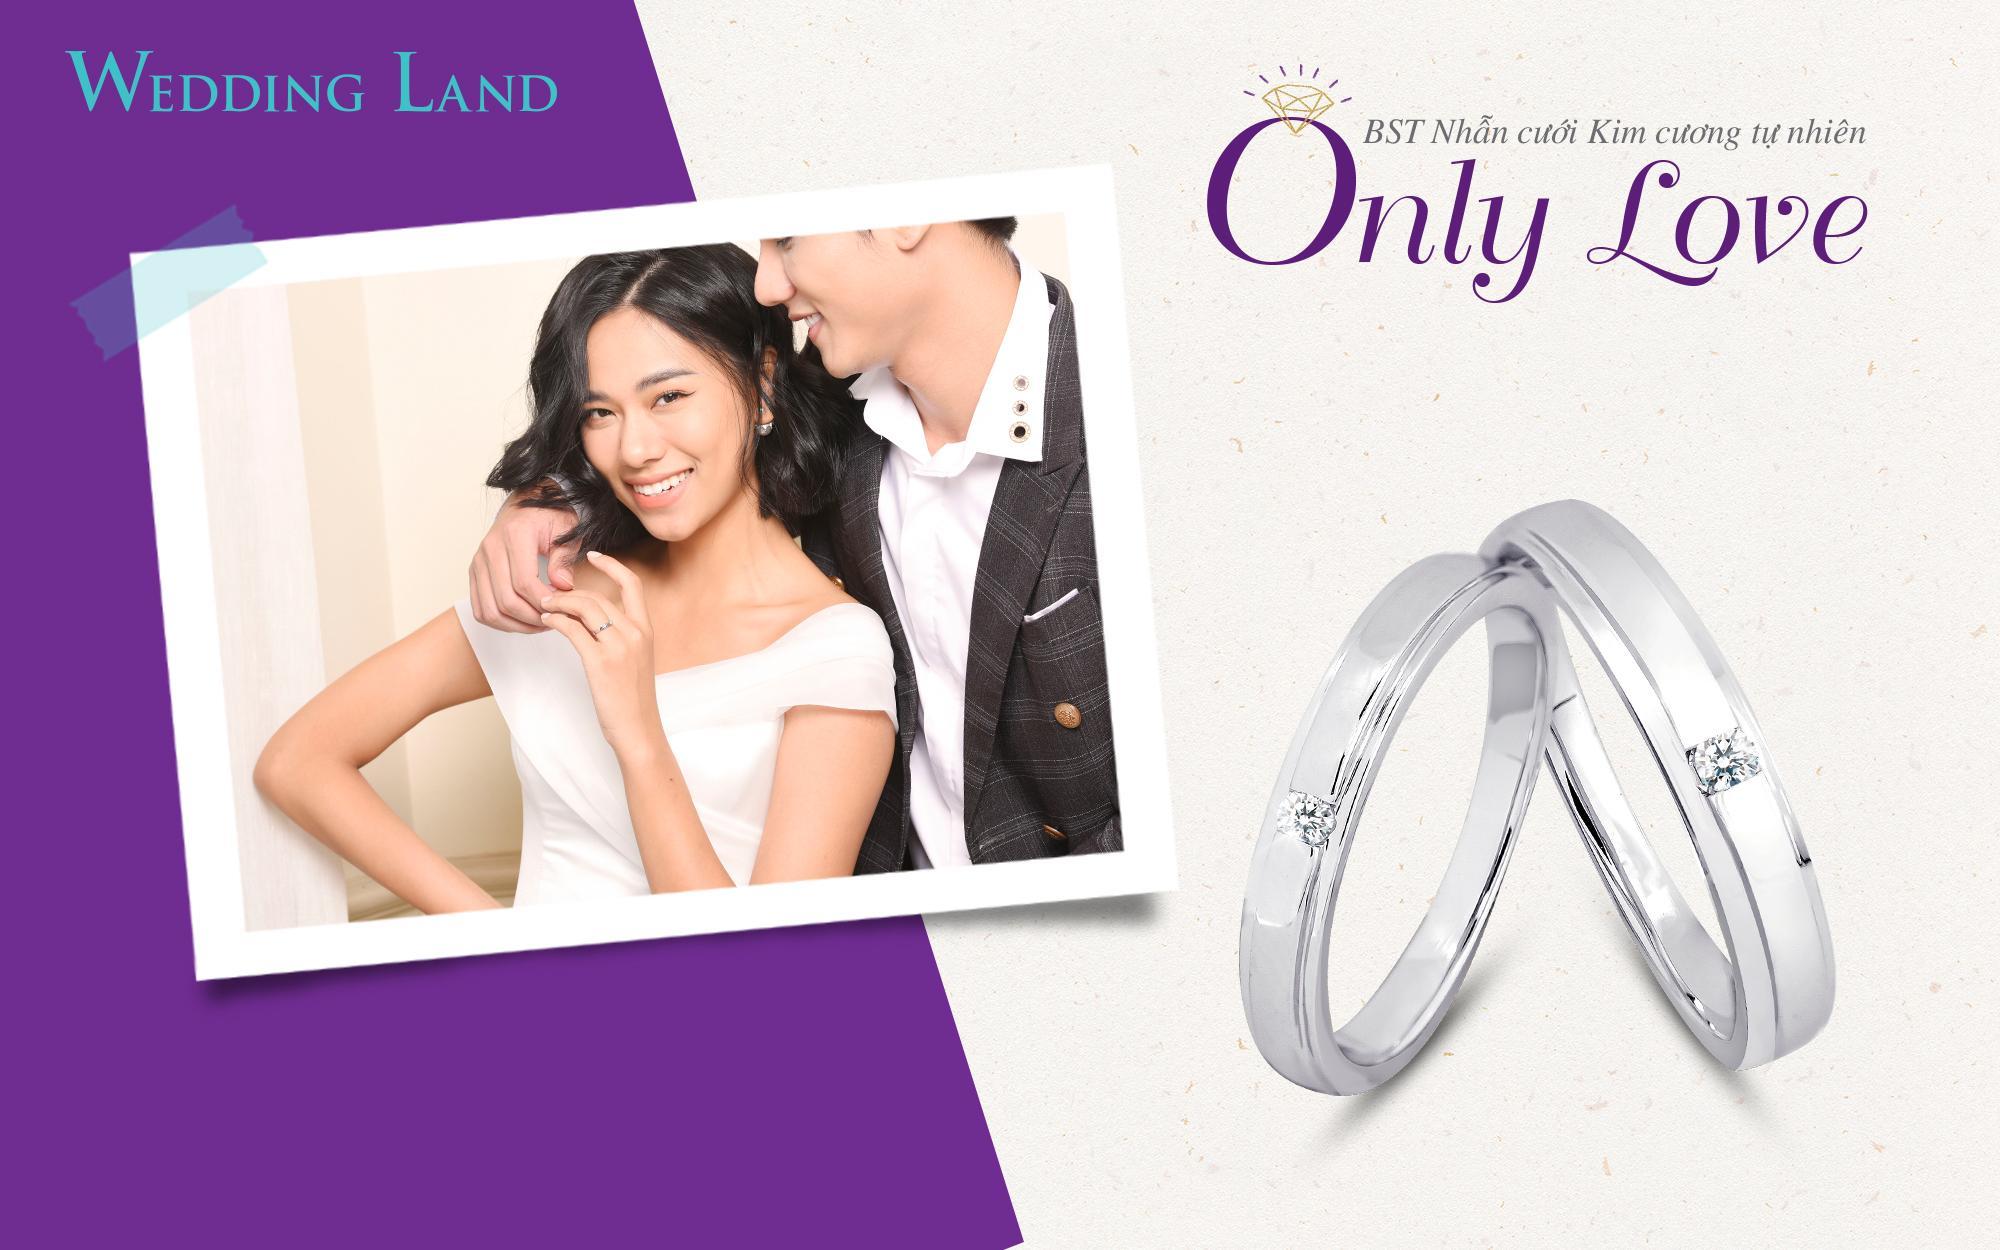 Nhẫn cưới kim cương tự nhiên của Wedding Land giá chỉ từ 8 triệu đồng